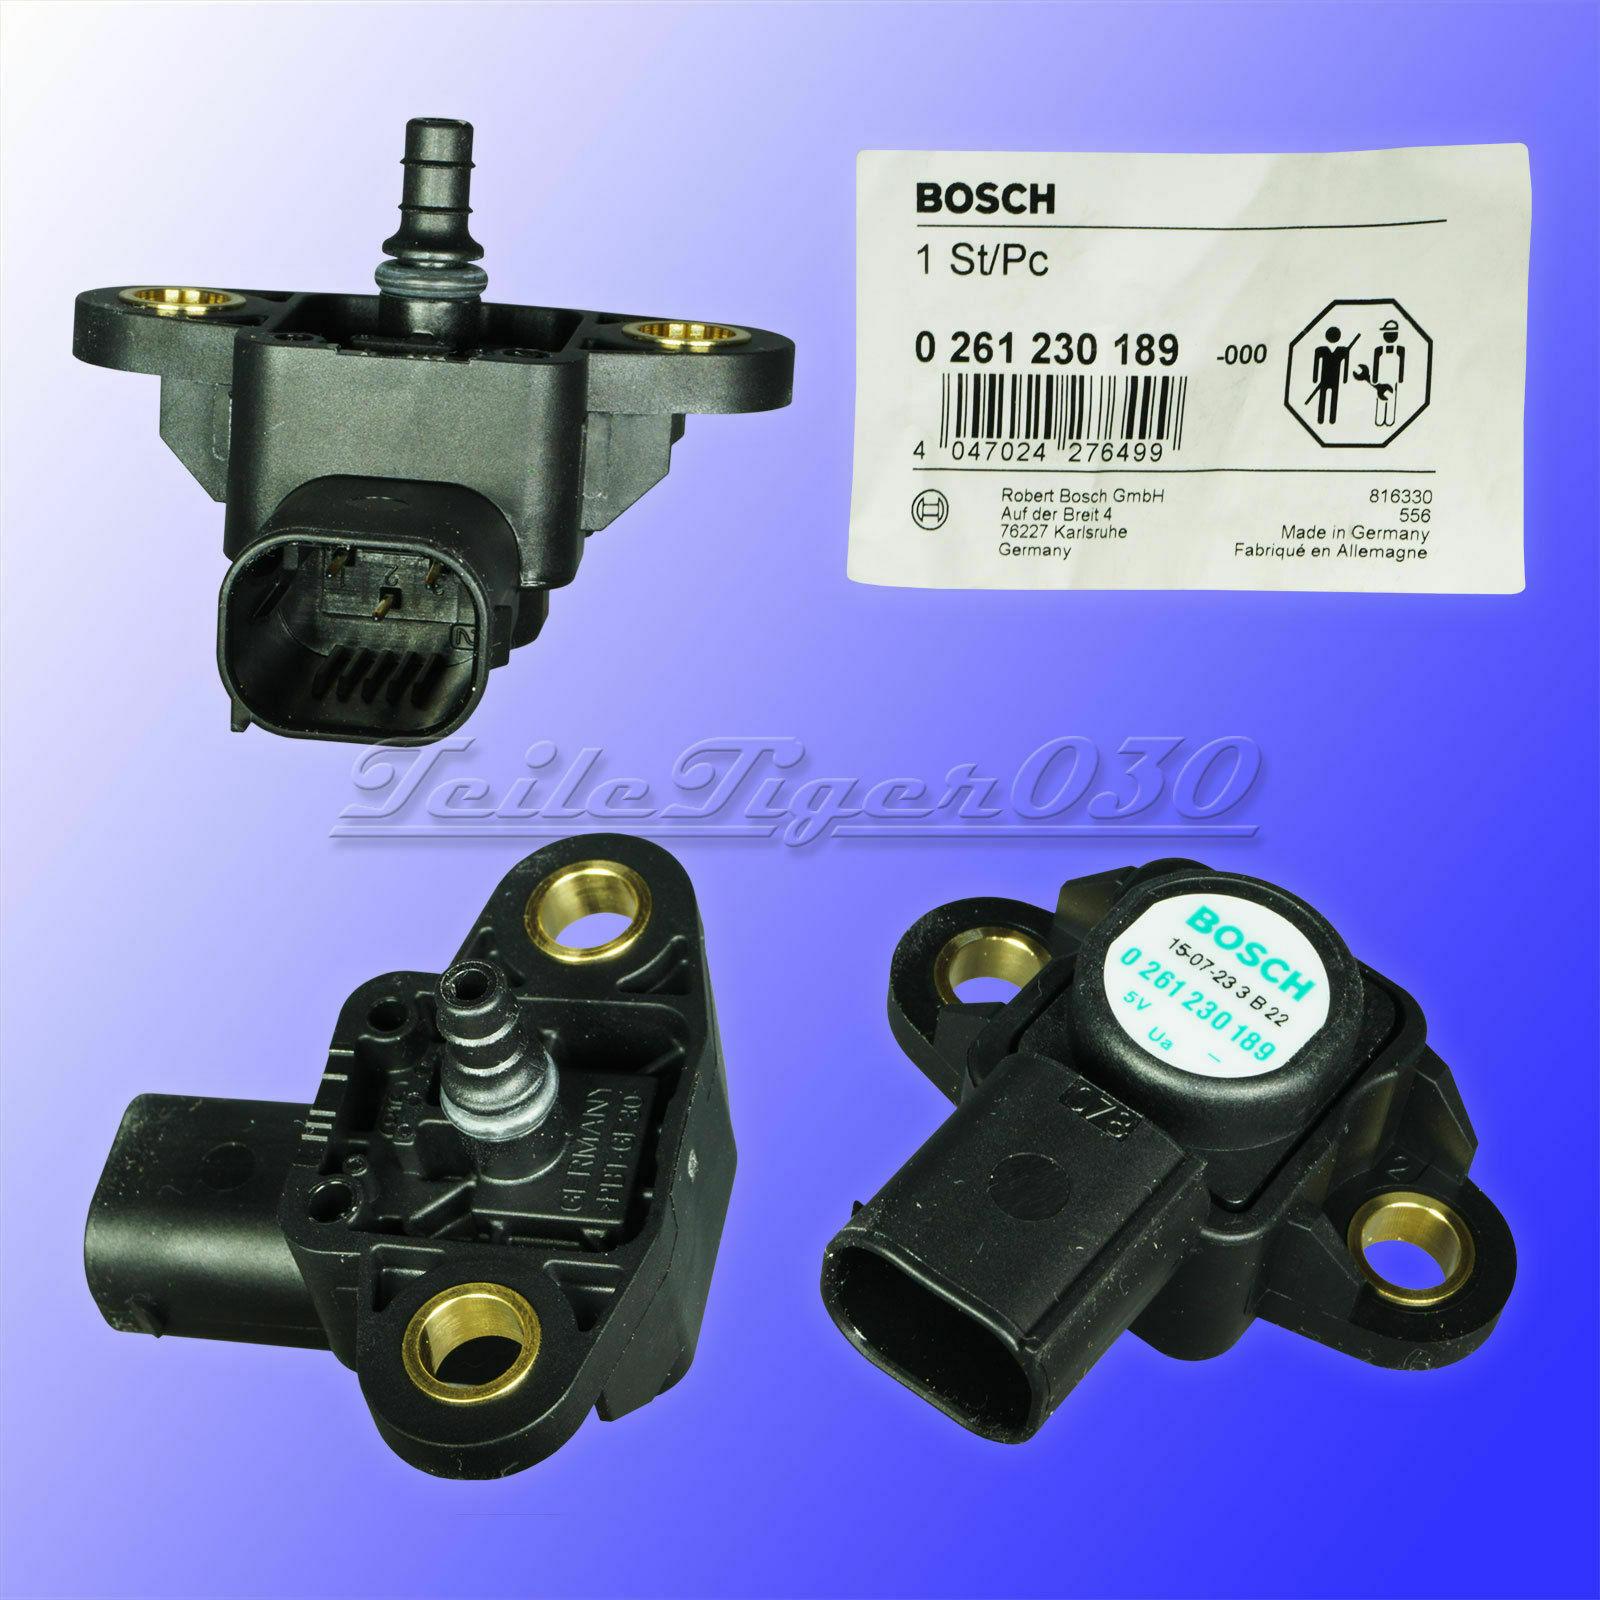 0-261-230-189-Bosch-Sensor-Ladedruck-W.jpg